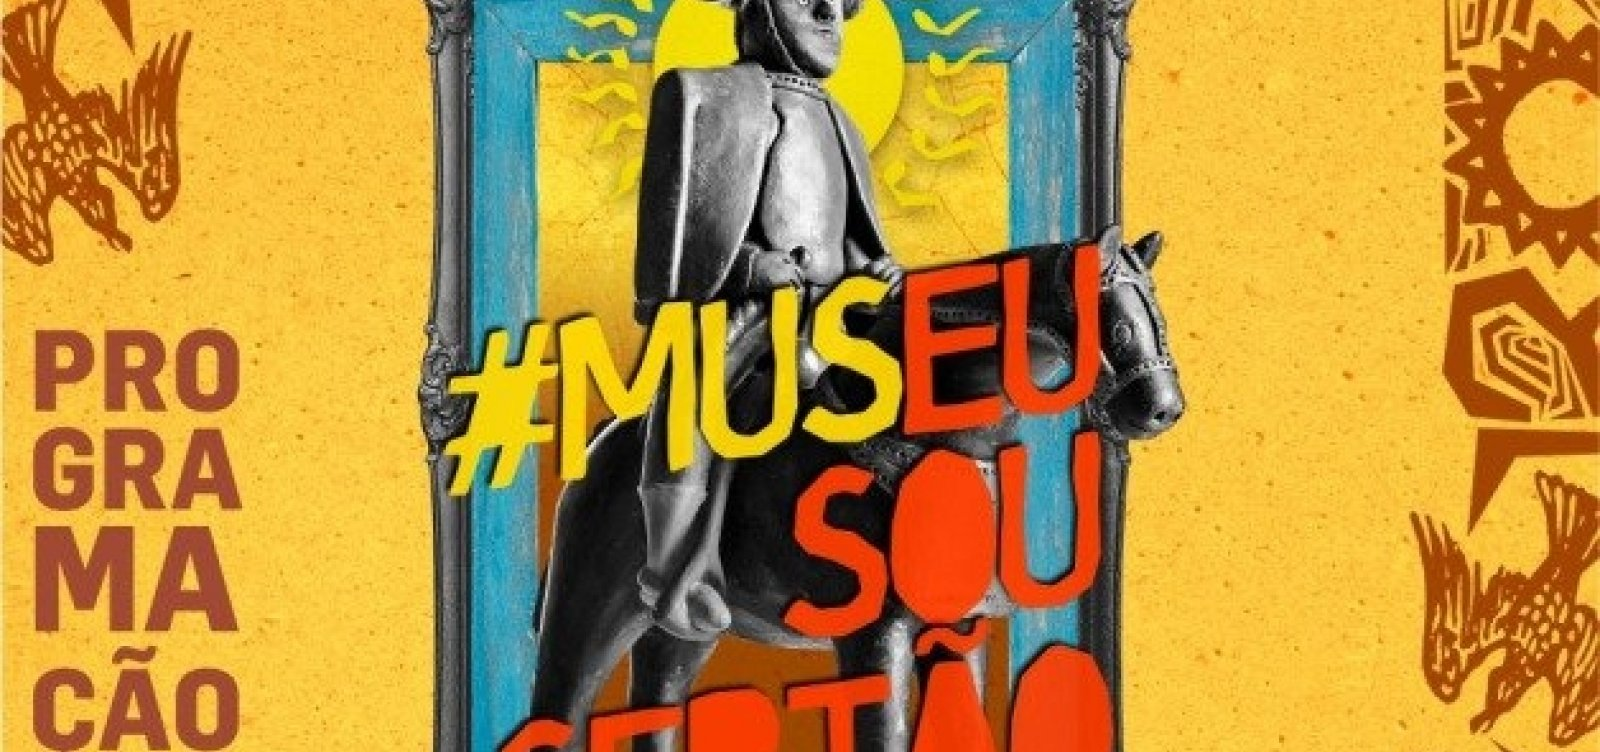 Começa hoje a Semana de Museus em Salvador; Confira programação